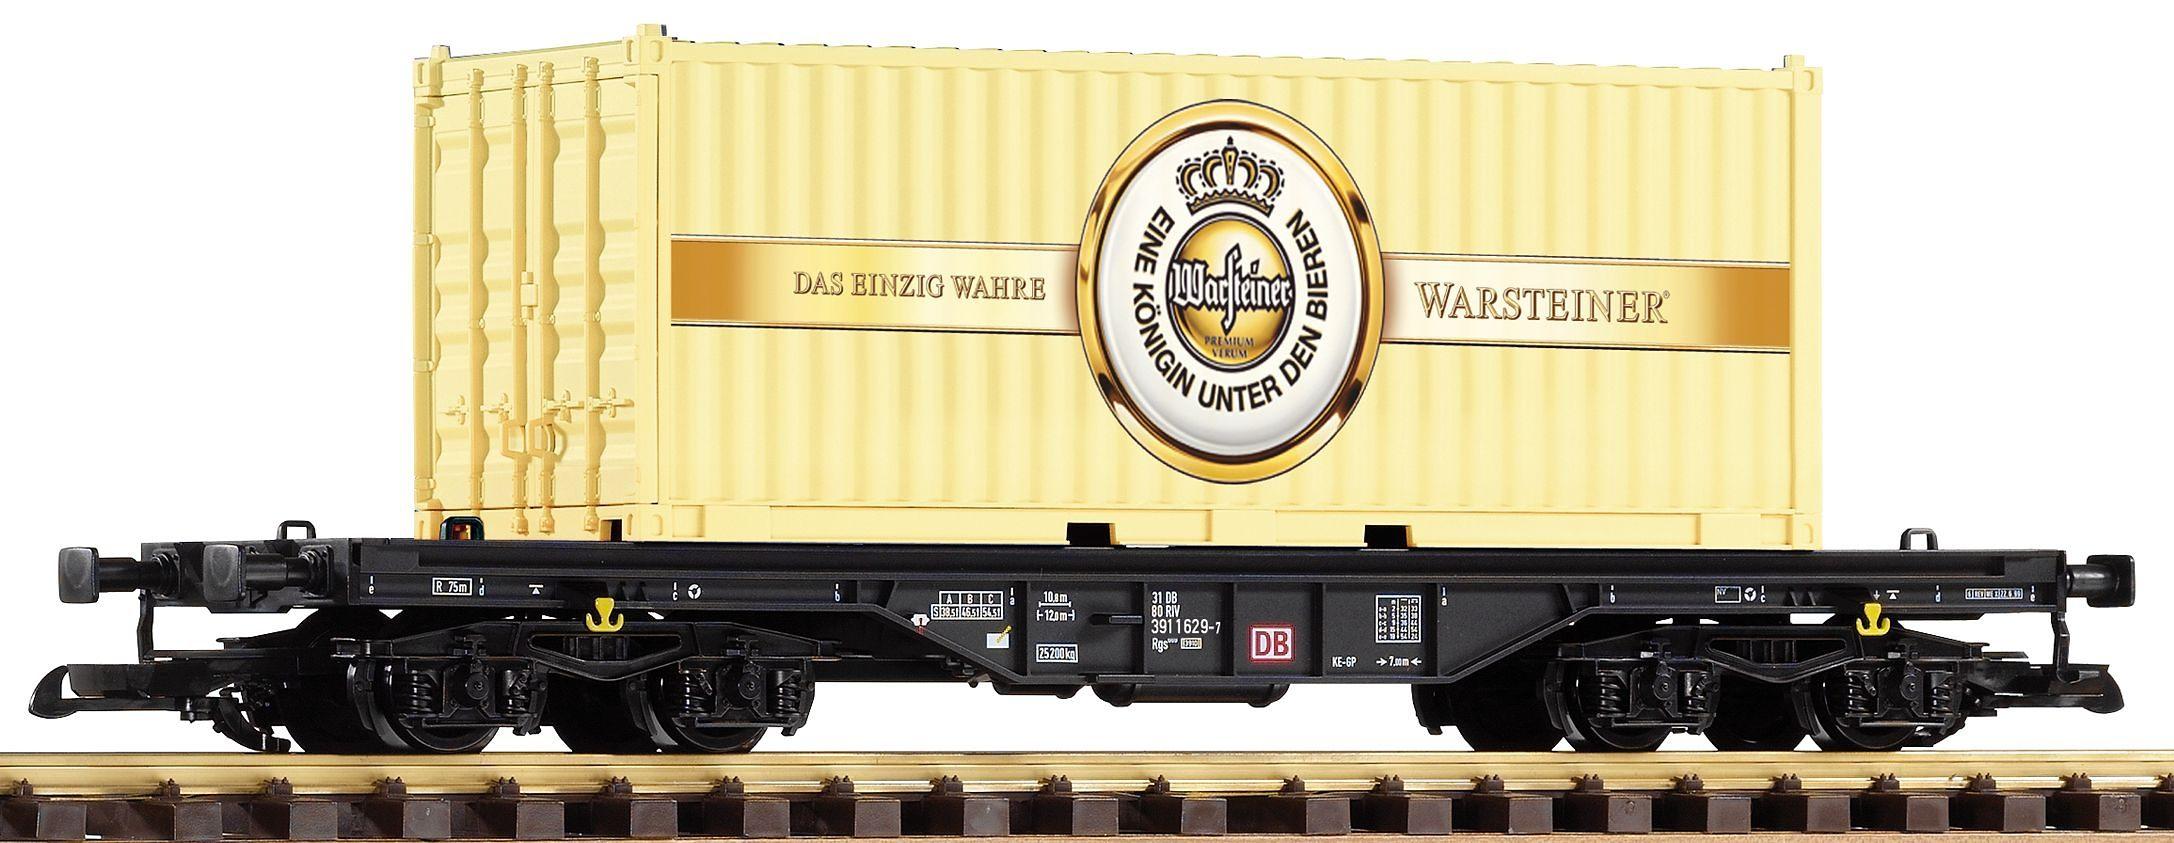 PIKO Güterwagen, Spur G, »Flachwagen mit Container Warsteiner, DB AG - Gleichstrom«